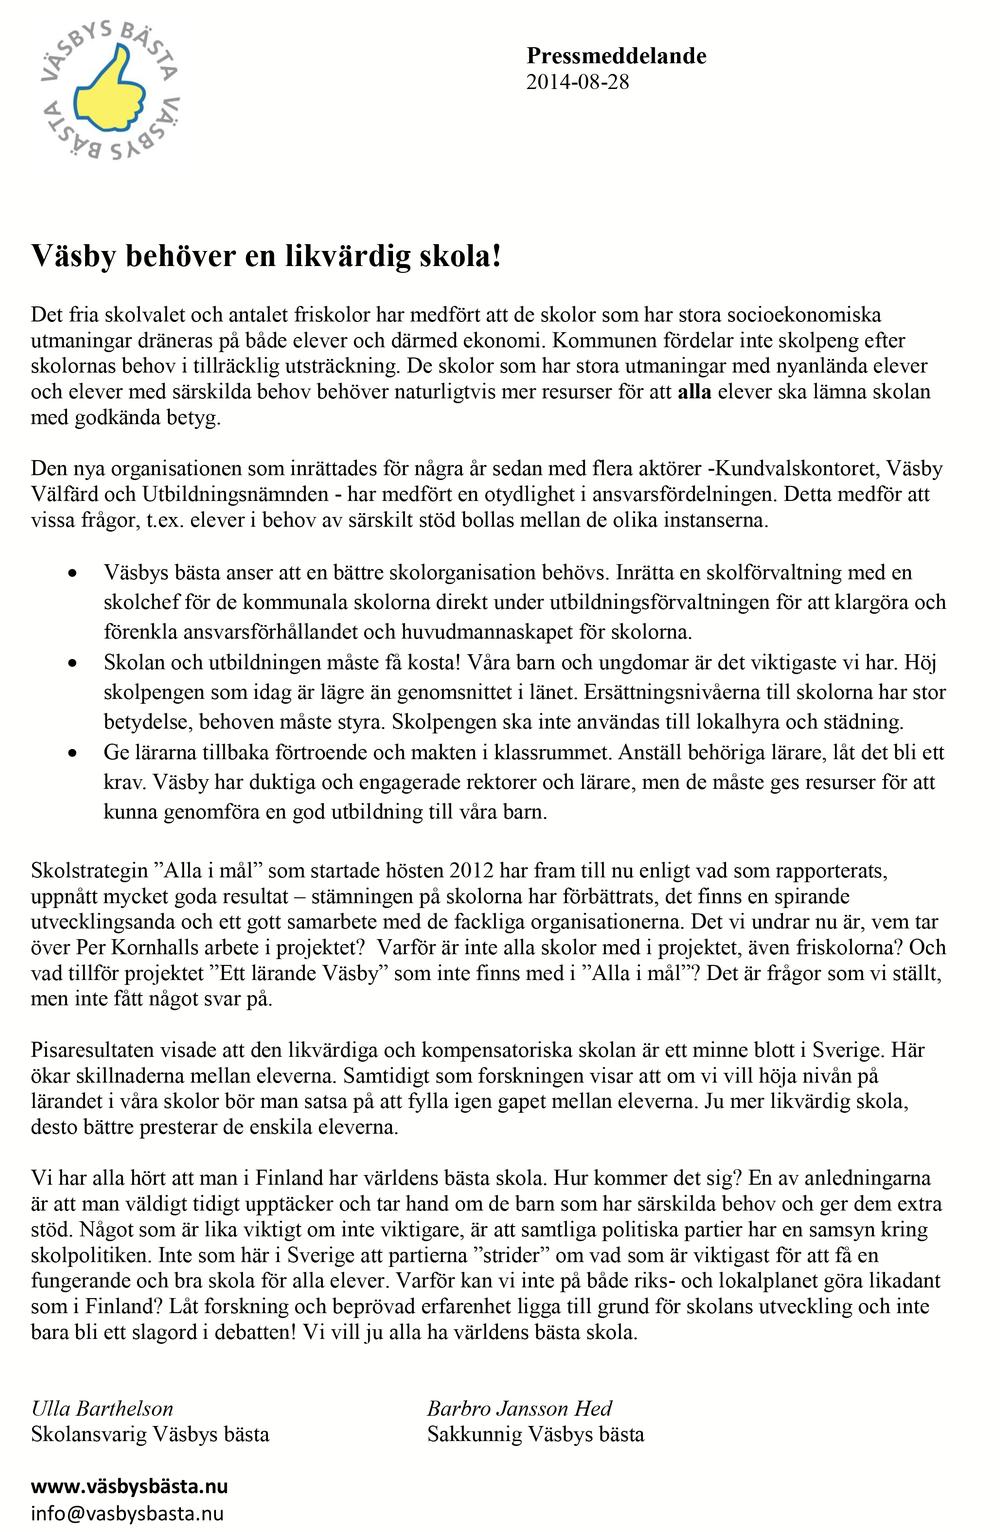 2014-08-28 Pressmedelande Likvärdig skola i Väsby kopiera.png